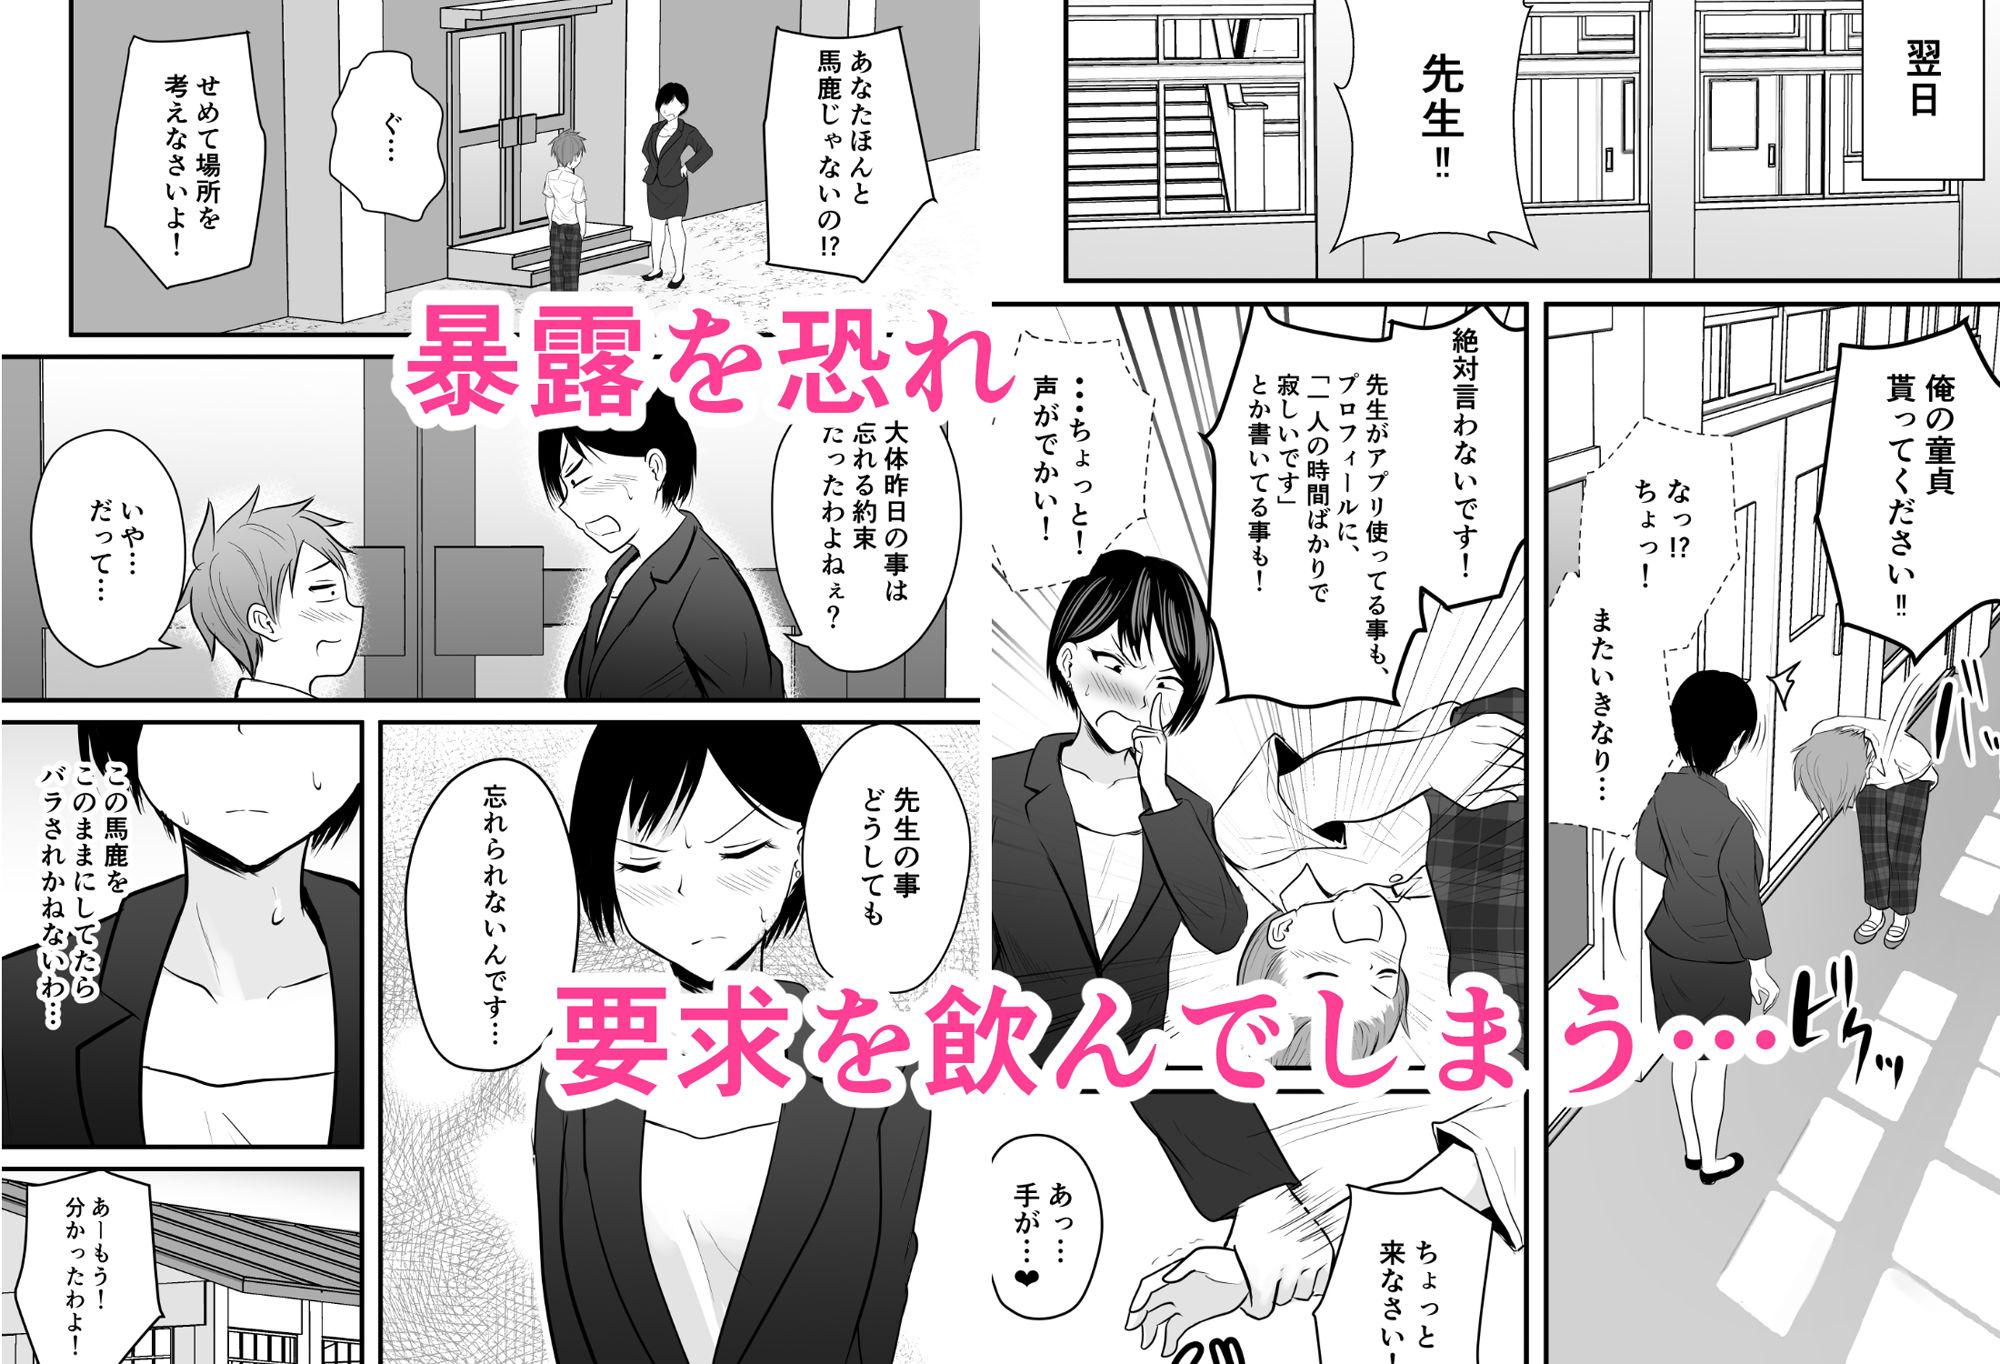 【エロ漫画】堅物な担任女教師とマッチングしたから性処理してもらって‥「サークル:ぽっぷマシンガン」【同人誌・コミック】#3